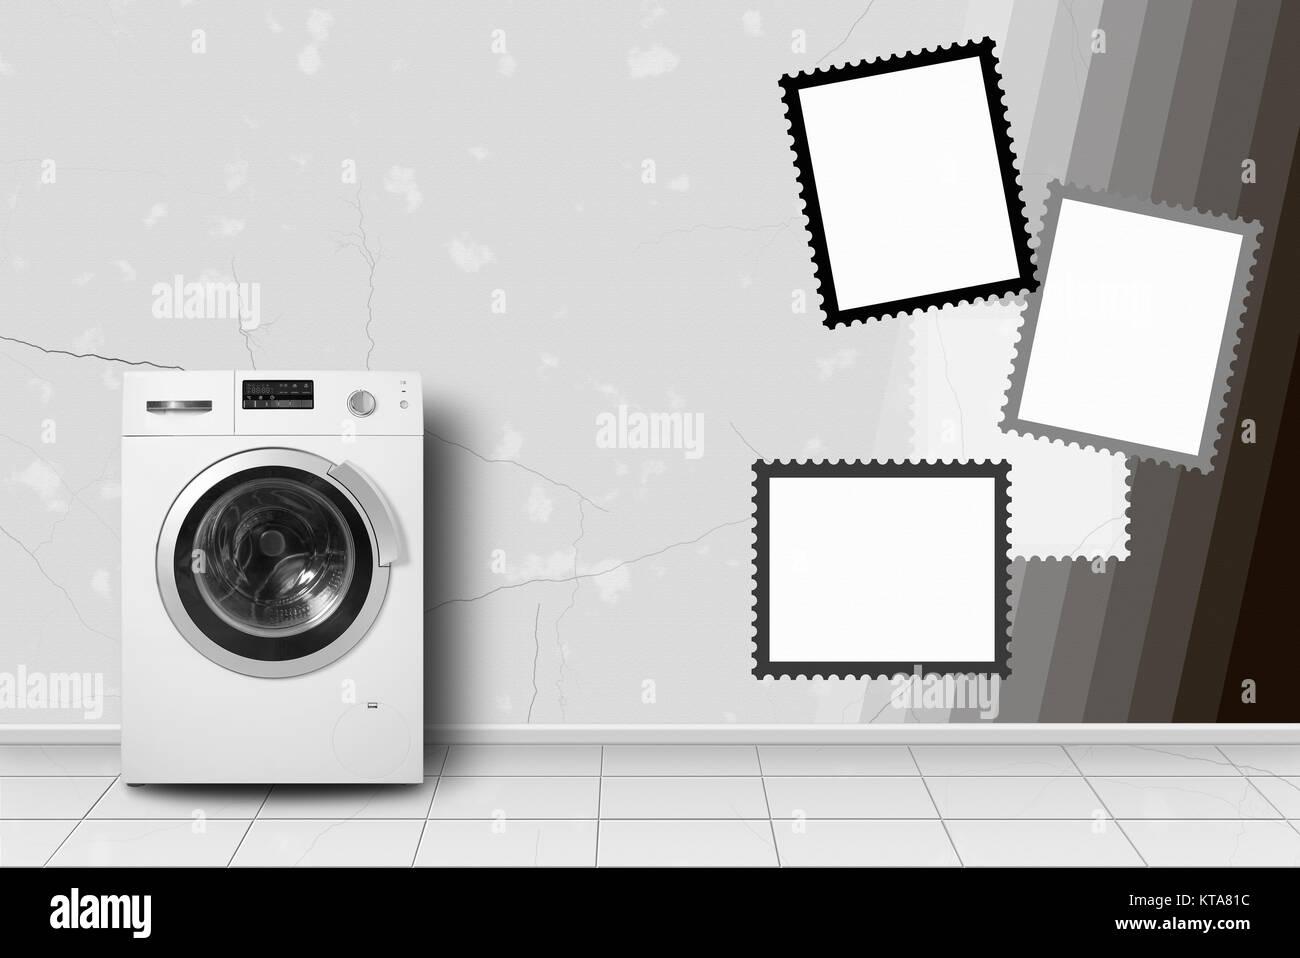 Electrodoméstico - Lavadora en interior en una estampilla de pared ...